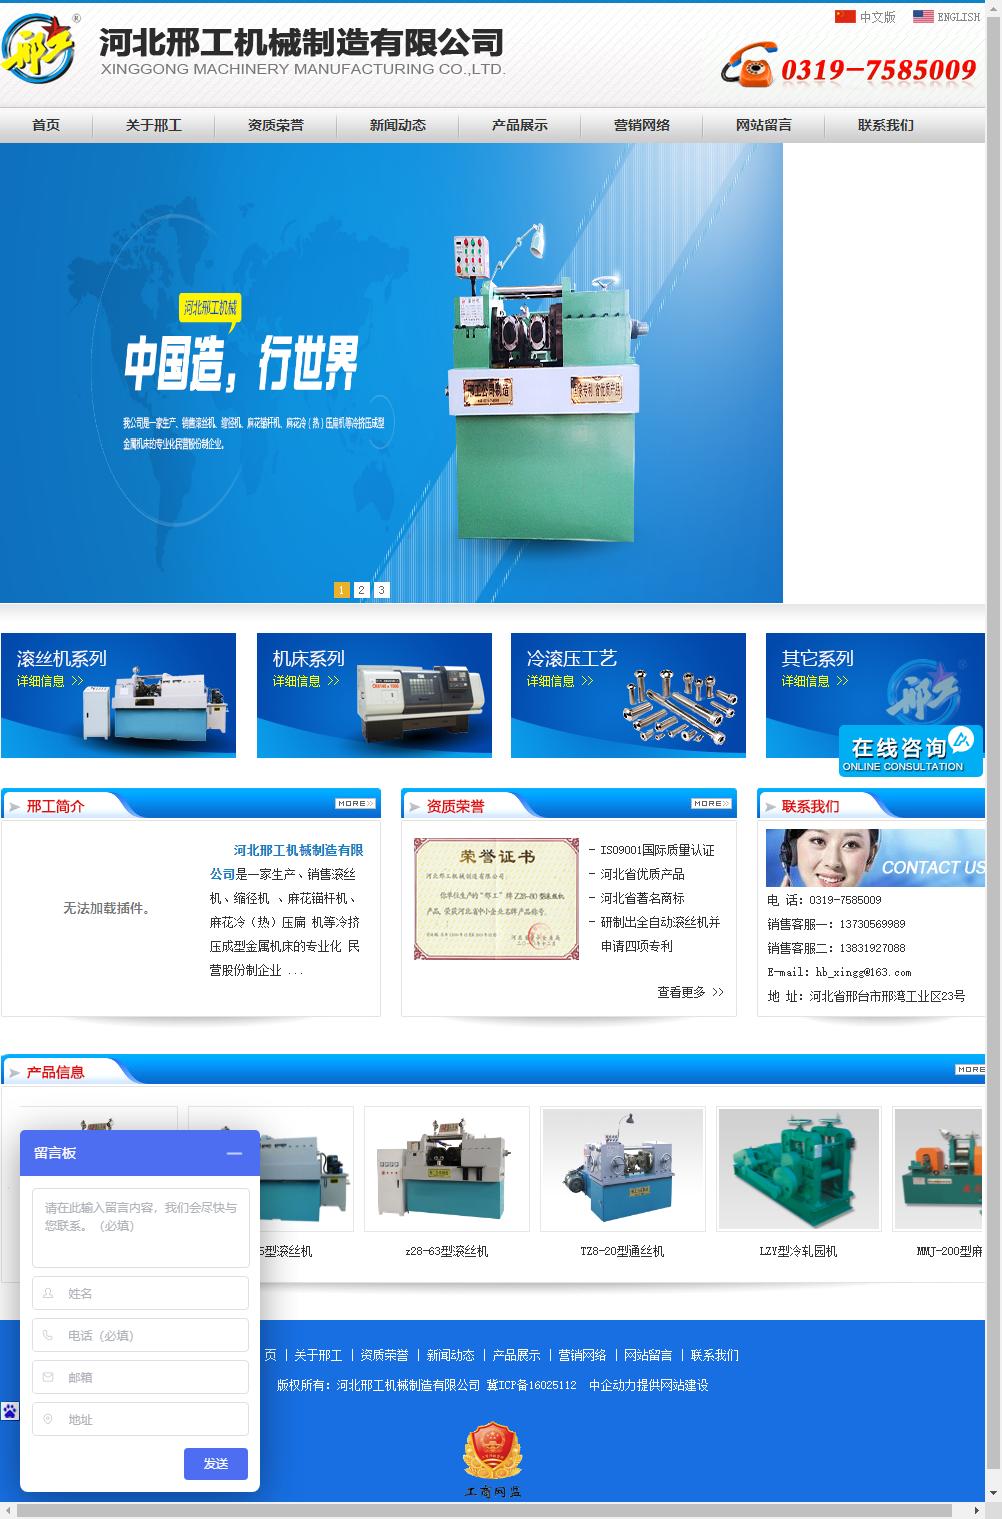 河北邢工机械制造有限公司网站案例